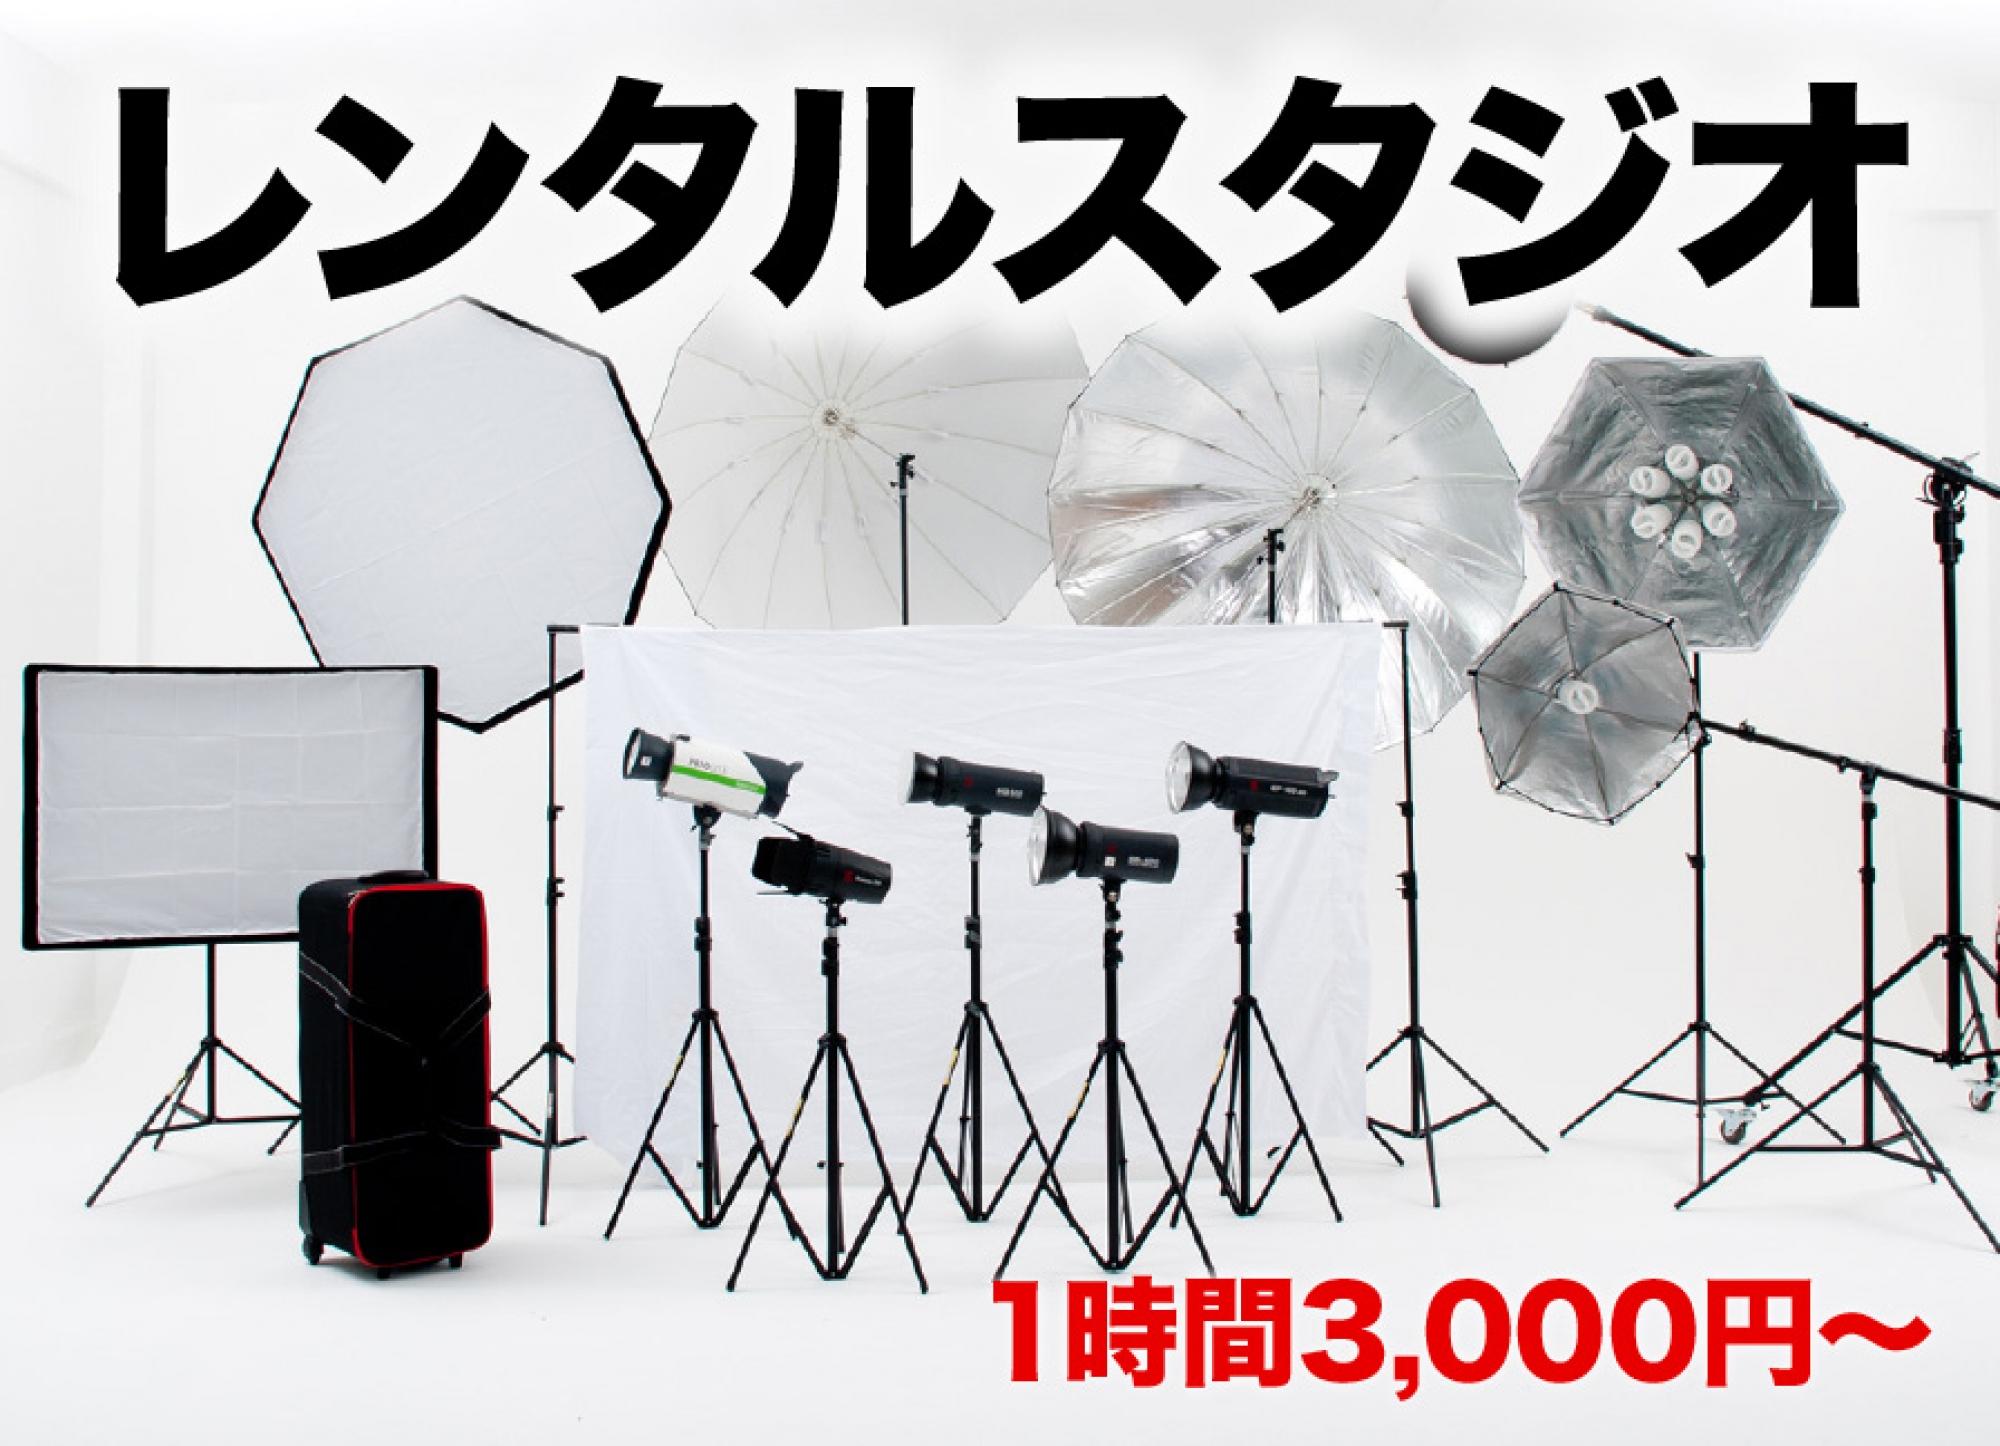 コスプレ撮影にも使われる沖縄のフォトスタジオ